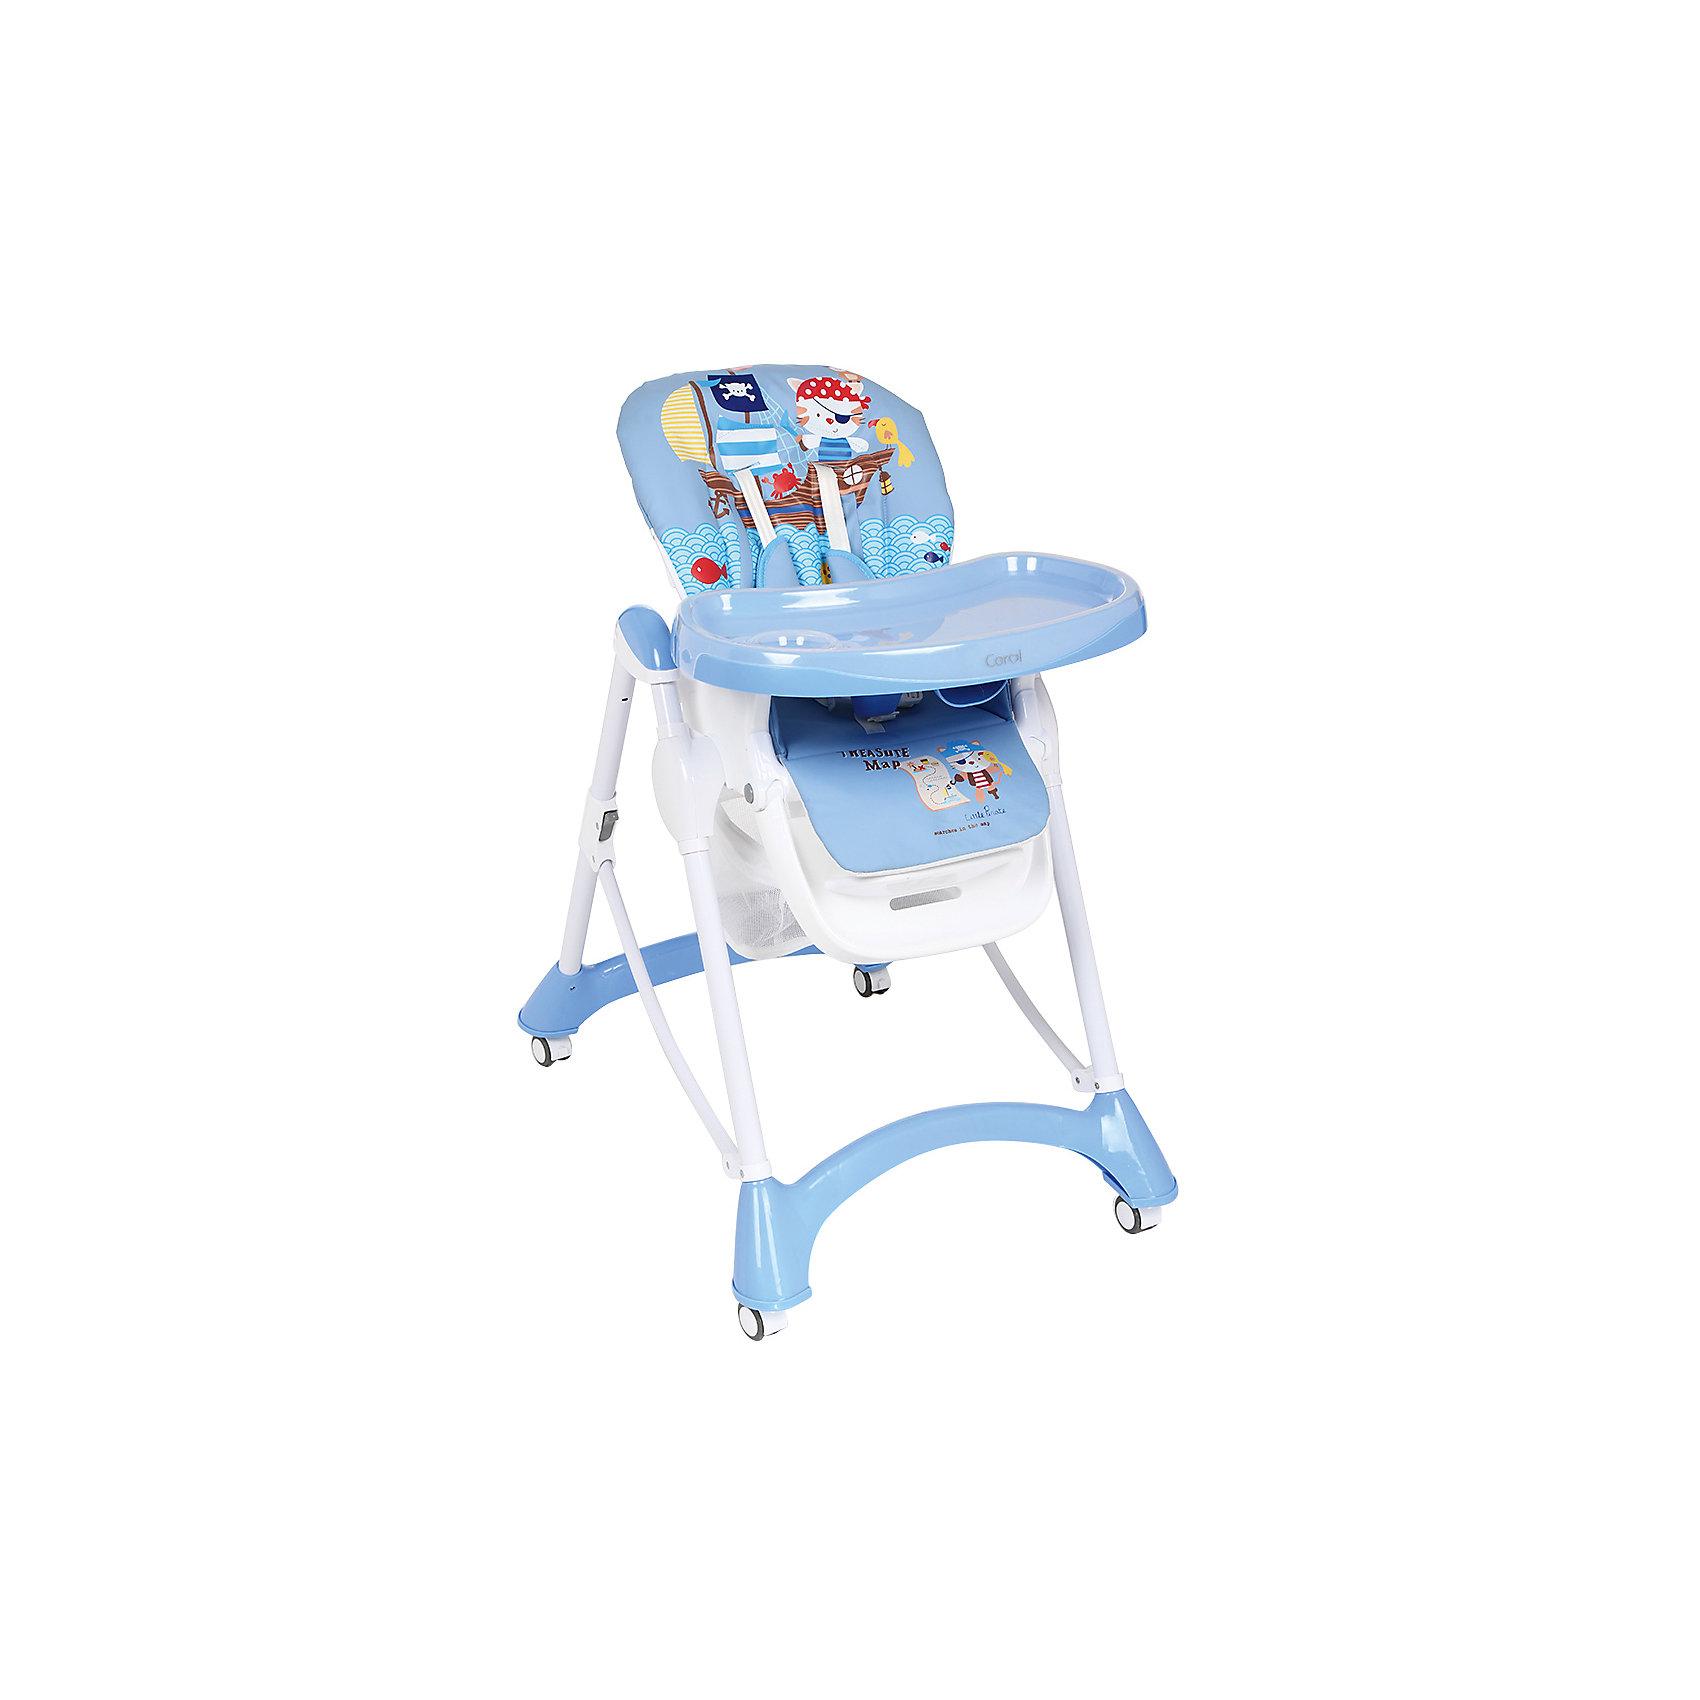 Стульчик для кормления, Corol, синий КОТ-ПИРАТПрочный и удобный стульчик для кормления позволит посадить ребенка, не беспокоясь при этом о его безопасности. Яркий цвет изделия привлечет внимание малыша. Эта модель очень удобна: угол наклона спинки регулируется, высота - тоже, предусмотрены два угла наклона подножки. <br>Двойной поднос может крепиться на задних ножках. Для удобства перемещения есть колесики с фиксаторами. Сиденье и спинка -  мягкие, конструкция  - очень устойчивая. Изделие произведено из качественных и безопасных для малышей материалов, оно соответствуют всем современным требованиям безопасности.<br> <br>Дополнительная информация:<br><br>цвет: синий;<br>принт с овечками;<br>материал: металл;<br>столик съемный, двойной;<br>вес: 9 кг;<br>регулировка по высоте: 7 положений;<br>количество положений спинки: 3;<br>пятиточечные ремни безопасности;<br>колеса;<br>возраст: от 6 до 36 месяцев;<br>размеры стола: 630х1090х900 мм.<br><br>Стульчик для кормления,  синий КОТ-ПИРАТ от компании Corol можно купить в нашем магазине.<br><br>Ширина мм: 1090<br>Глубина мм: 630<br>Высота мм: 435<br>Вес г: 8450<br>Возраст от месяцев: 6<br>Возраст до месяцев: 36<br>Пол: Мужской<br>Возраст: Детский<br>SKU: 4778478